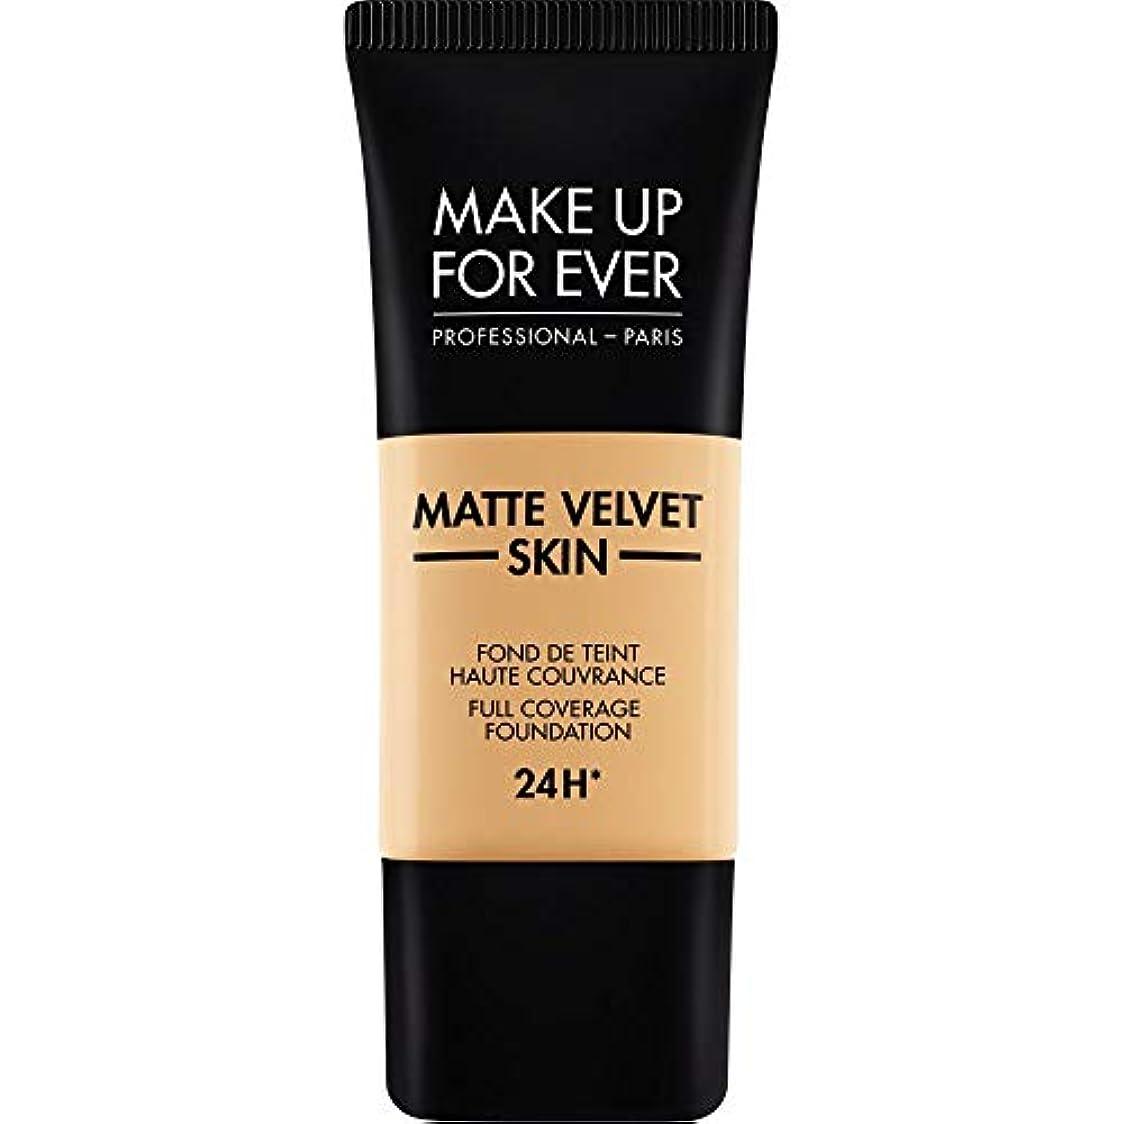 その他写真特別に[MAKE UP FOR EVER ] ナチュラルベージュ - これまでマットベルベットの皮膚のフルカバレッジ基礎30ミリリットルのY345を補います - MAKE UP FOR EVER Matte Velvet Skin...